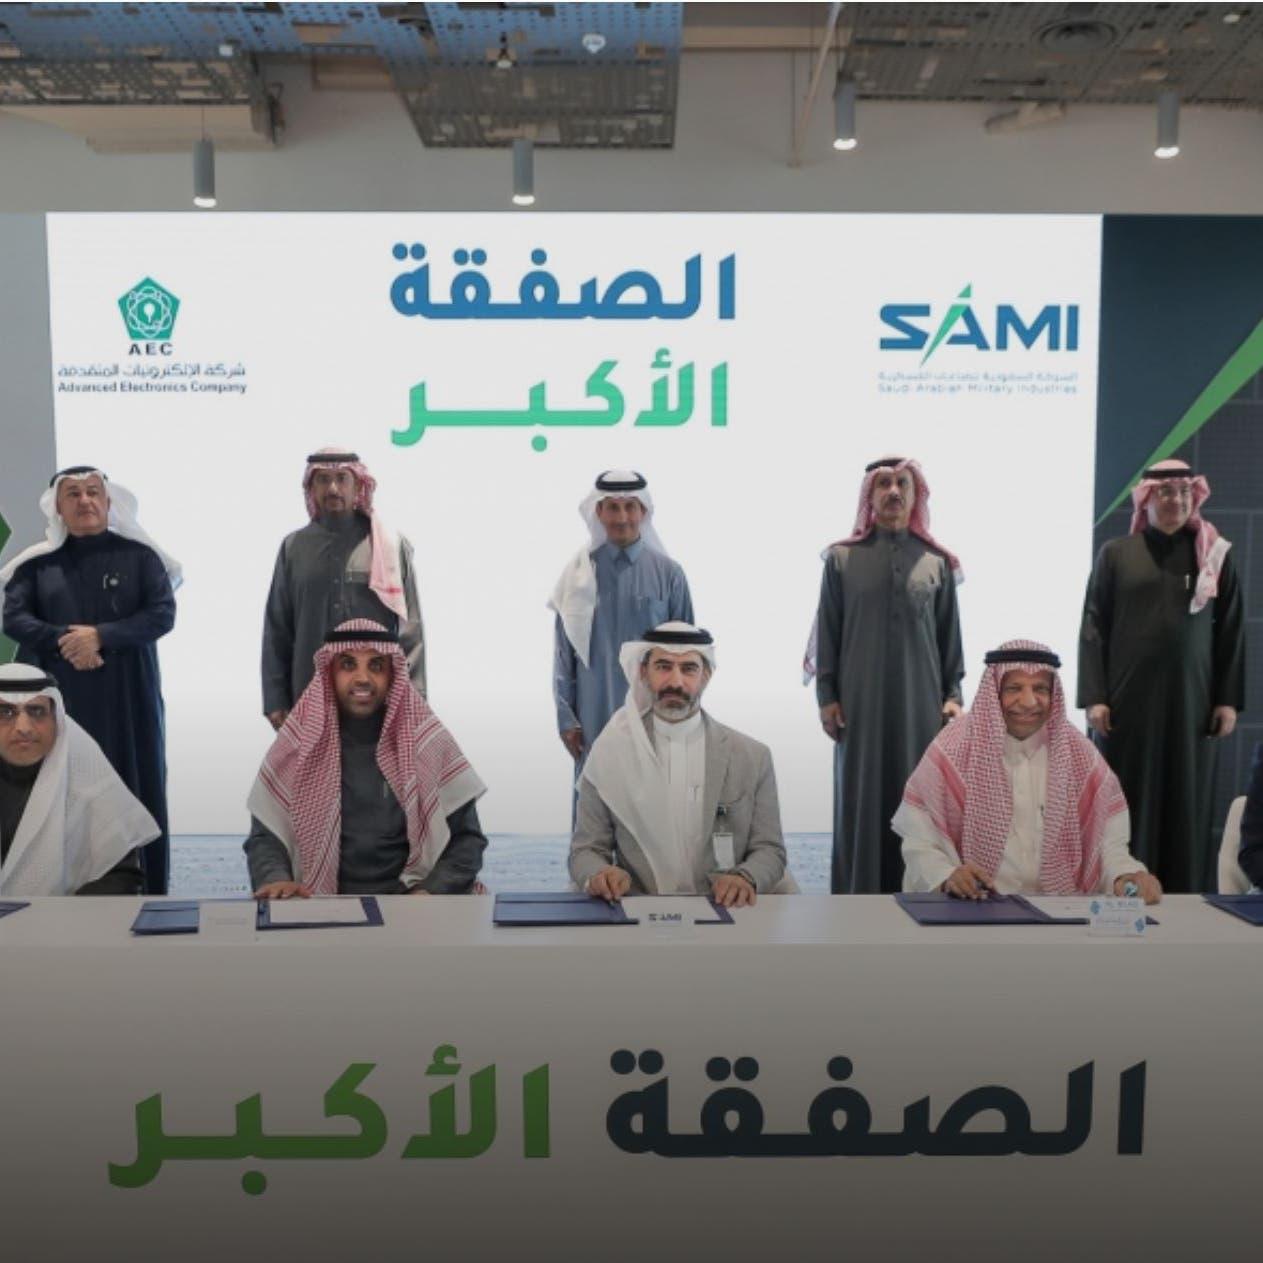 صفقة كبرى.. السعودية للصناعات العسكرية تستحوذ على الإلكترونيات المتقدمة